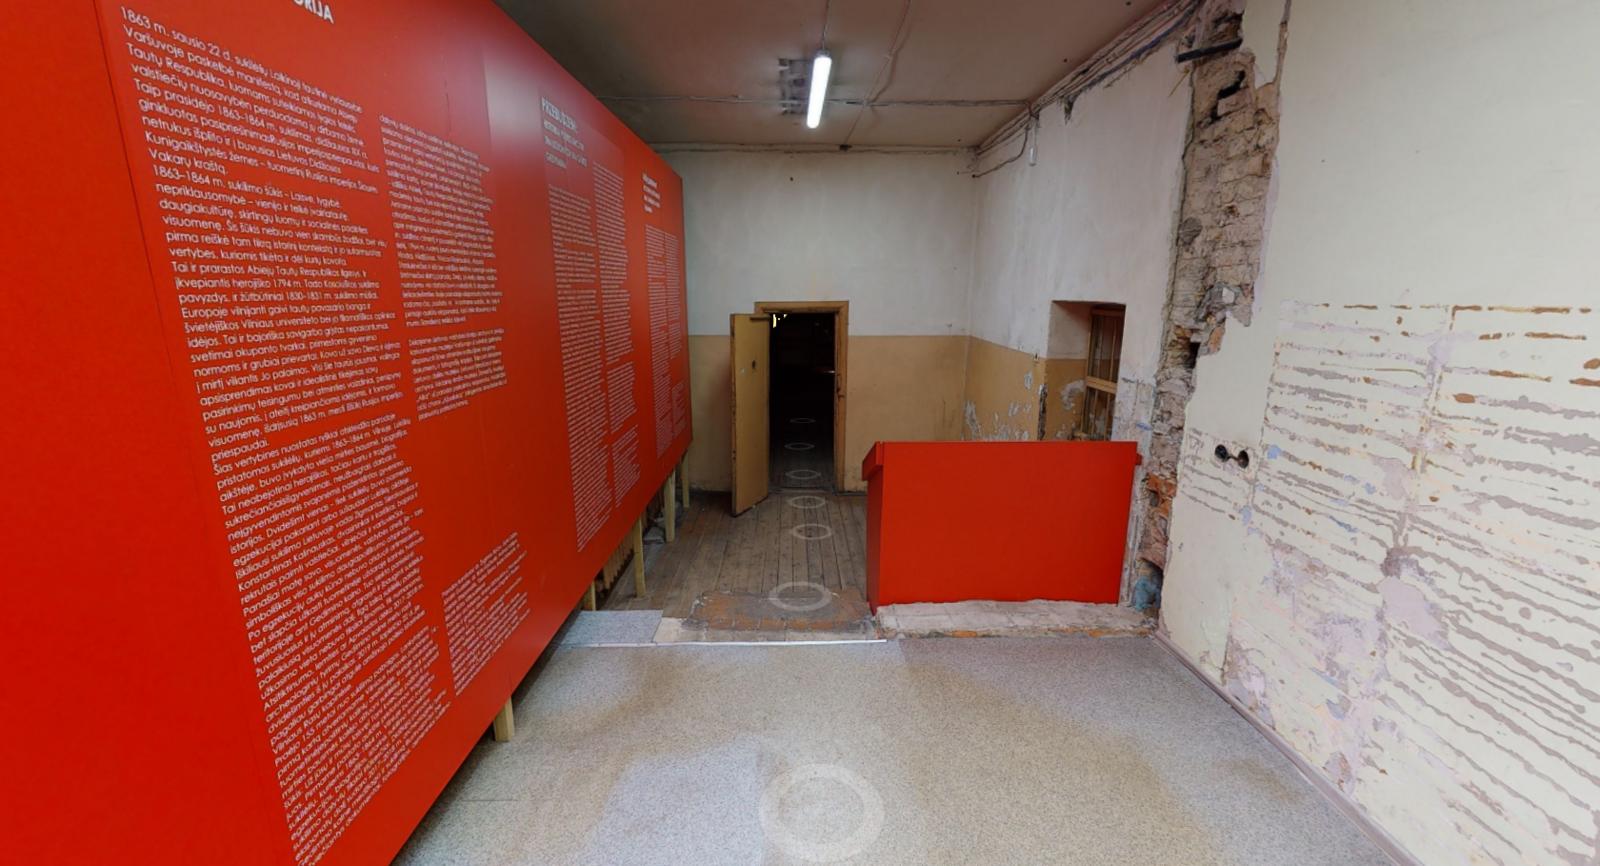 Buvusios areštinės kamerose įrengta paroda – jau ir virtualioje erdvėje